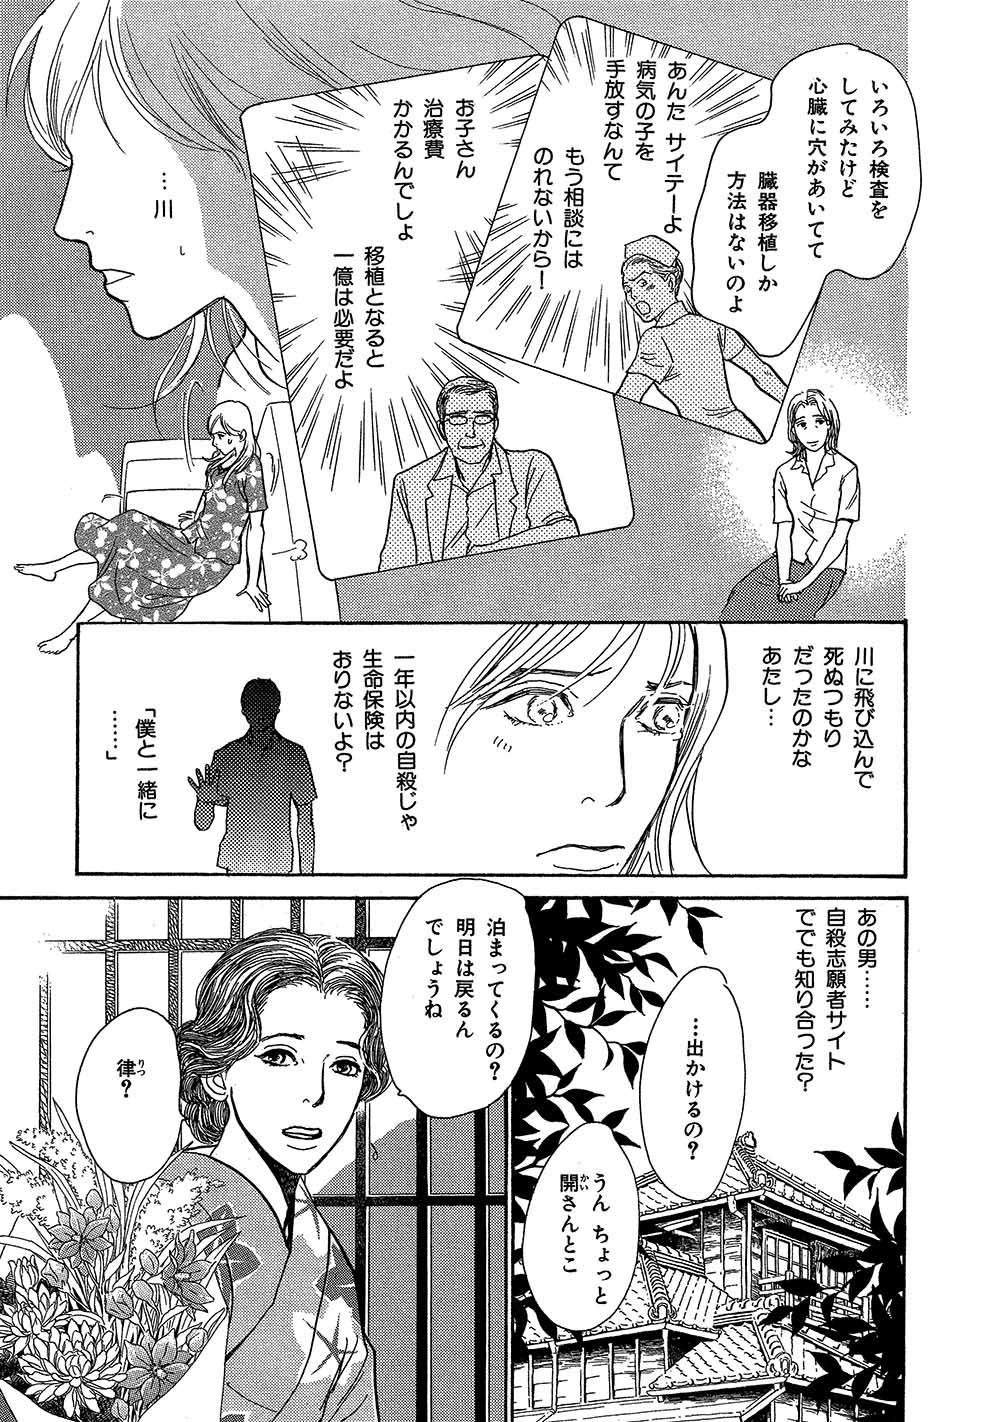 hyakki_0016_0085.jpg